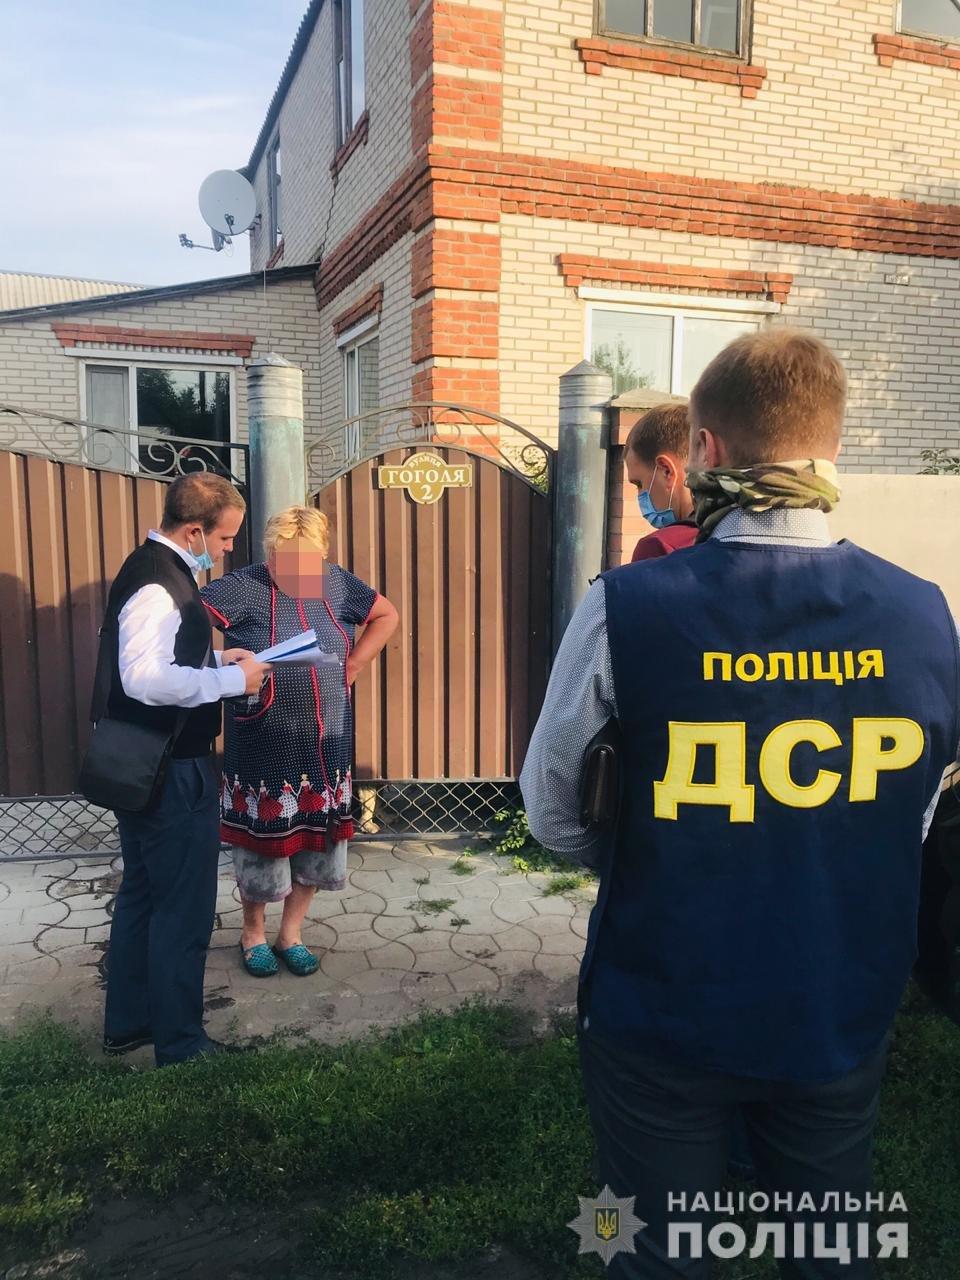 На Харьковщине полицейские разоблачили преступную группу в незаконной вырубке леса,- ФОТО, фото-4